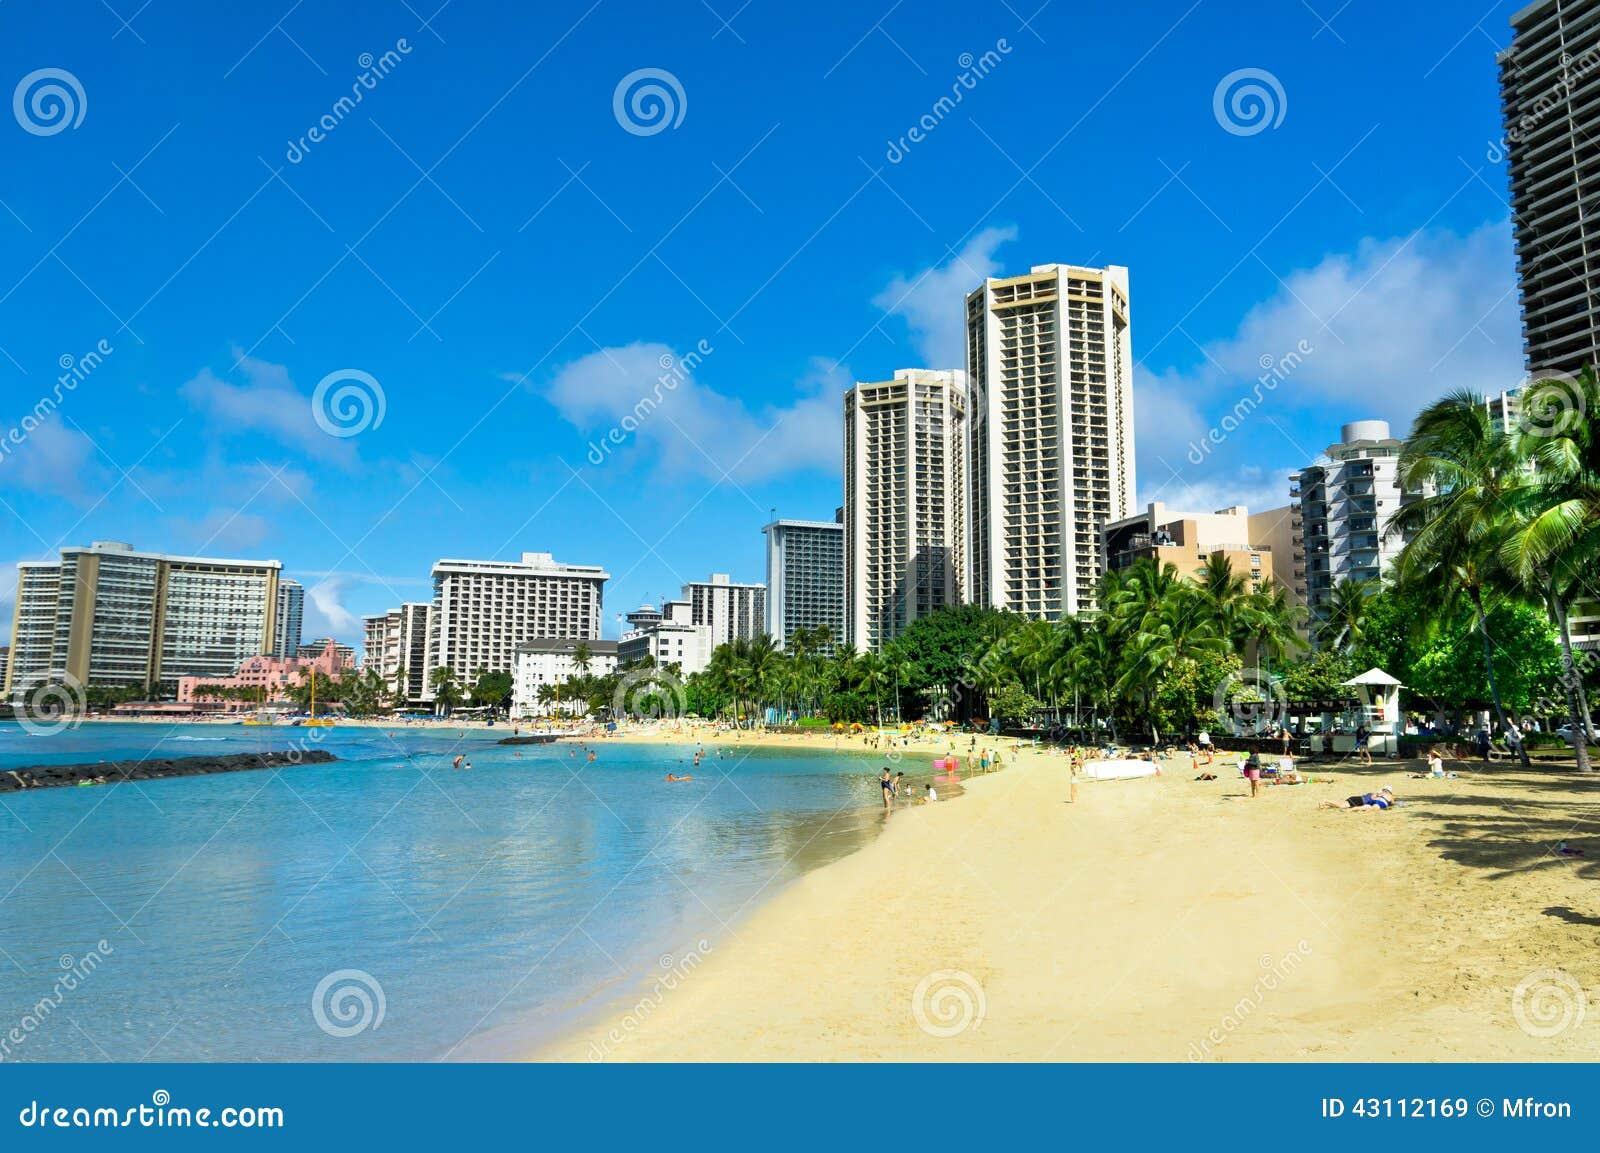 Χονολουλού, Χαβάη, Ηνωμένες Πολιτείες